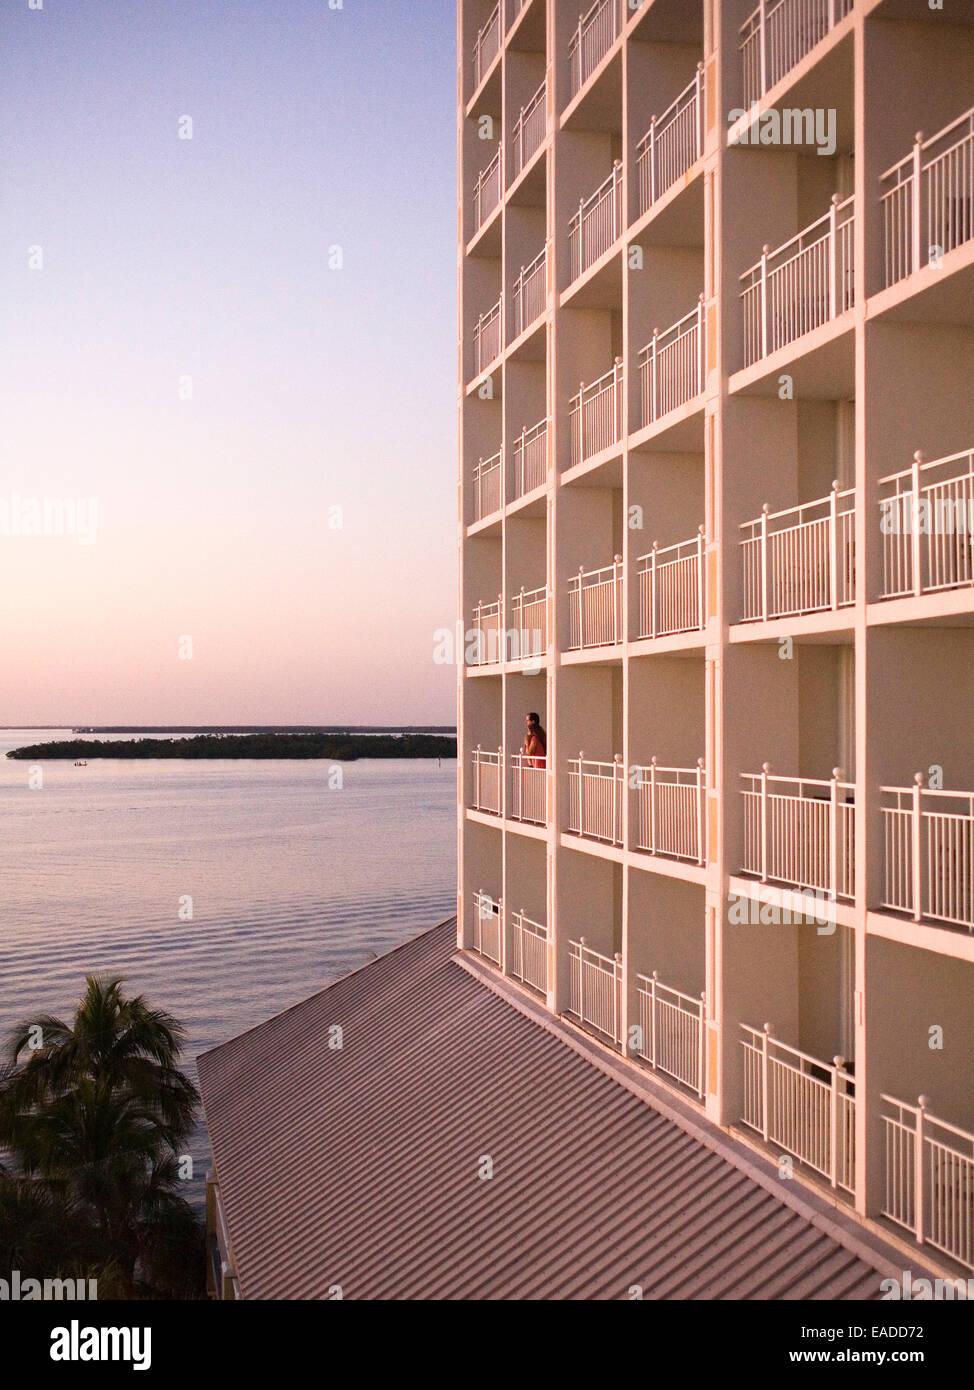 couple on hotel balcony at sunset - Stock Image